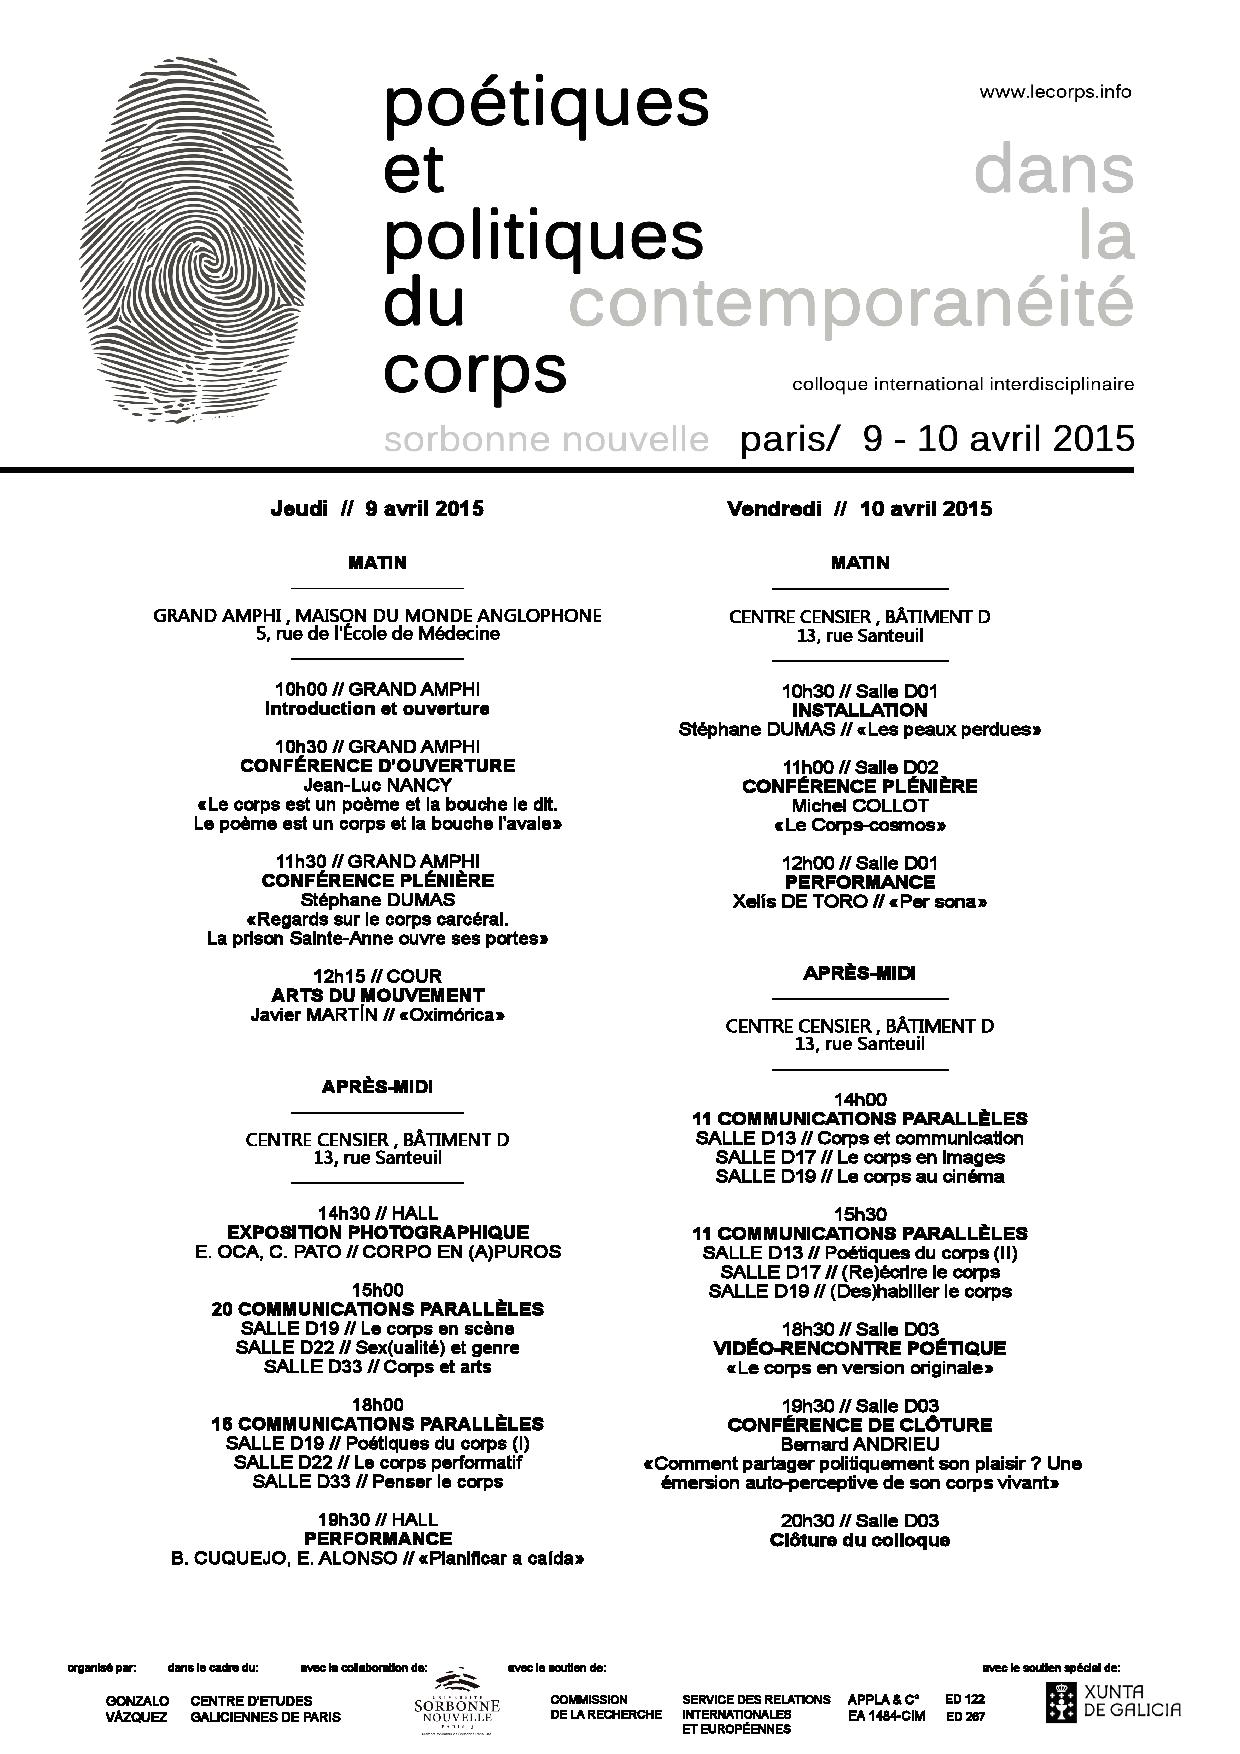 poétiques et politiques du corps dans la contemporanéité-1.jpg